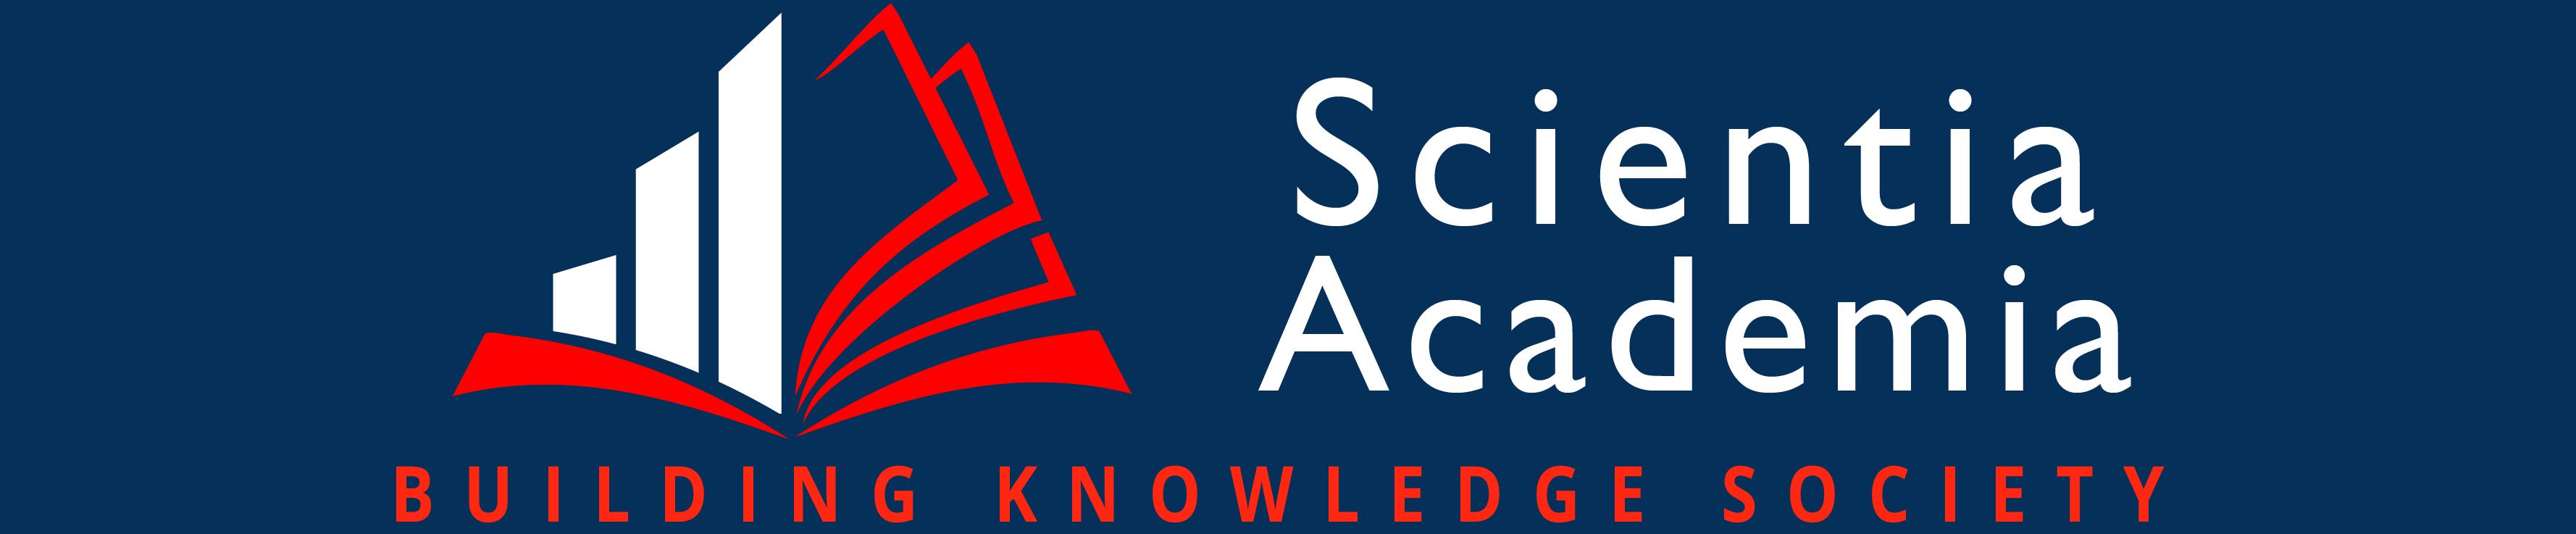 Scientia Academia